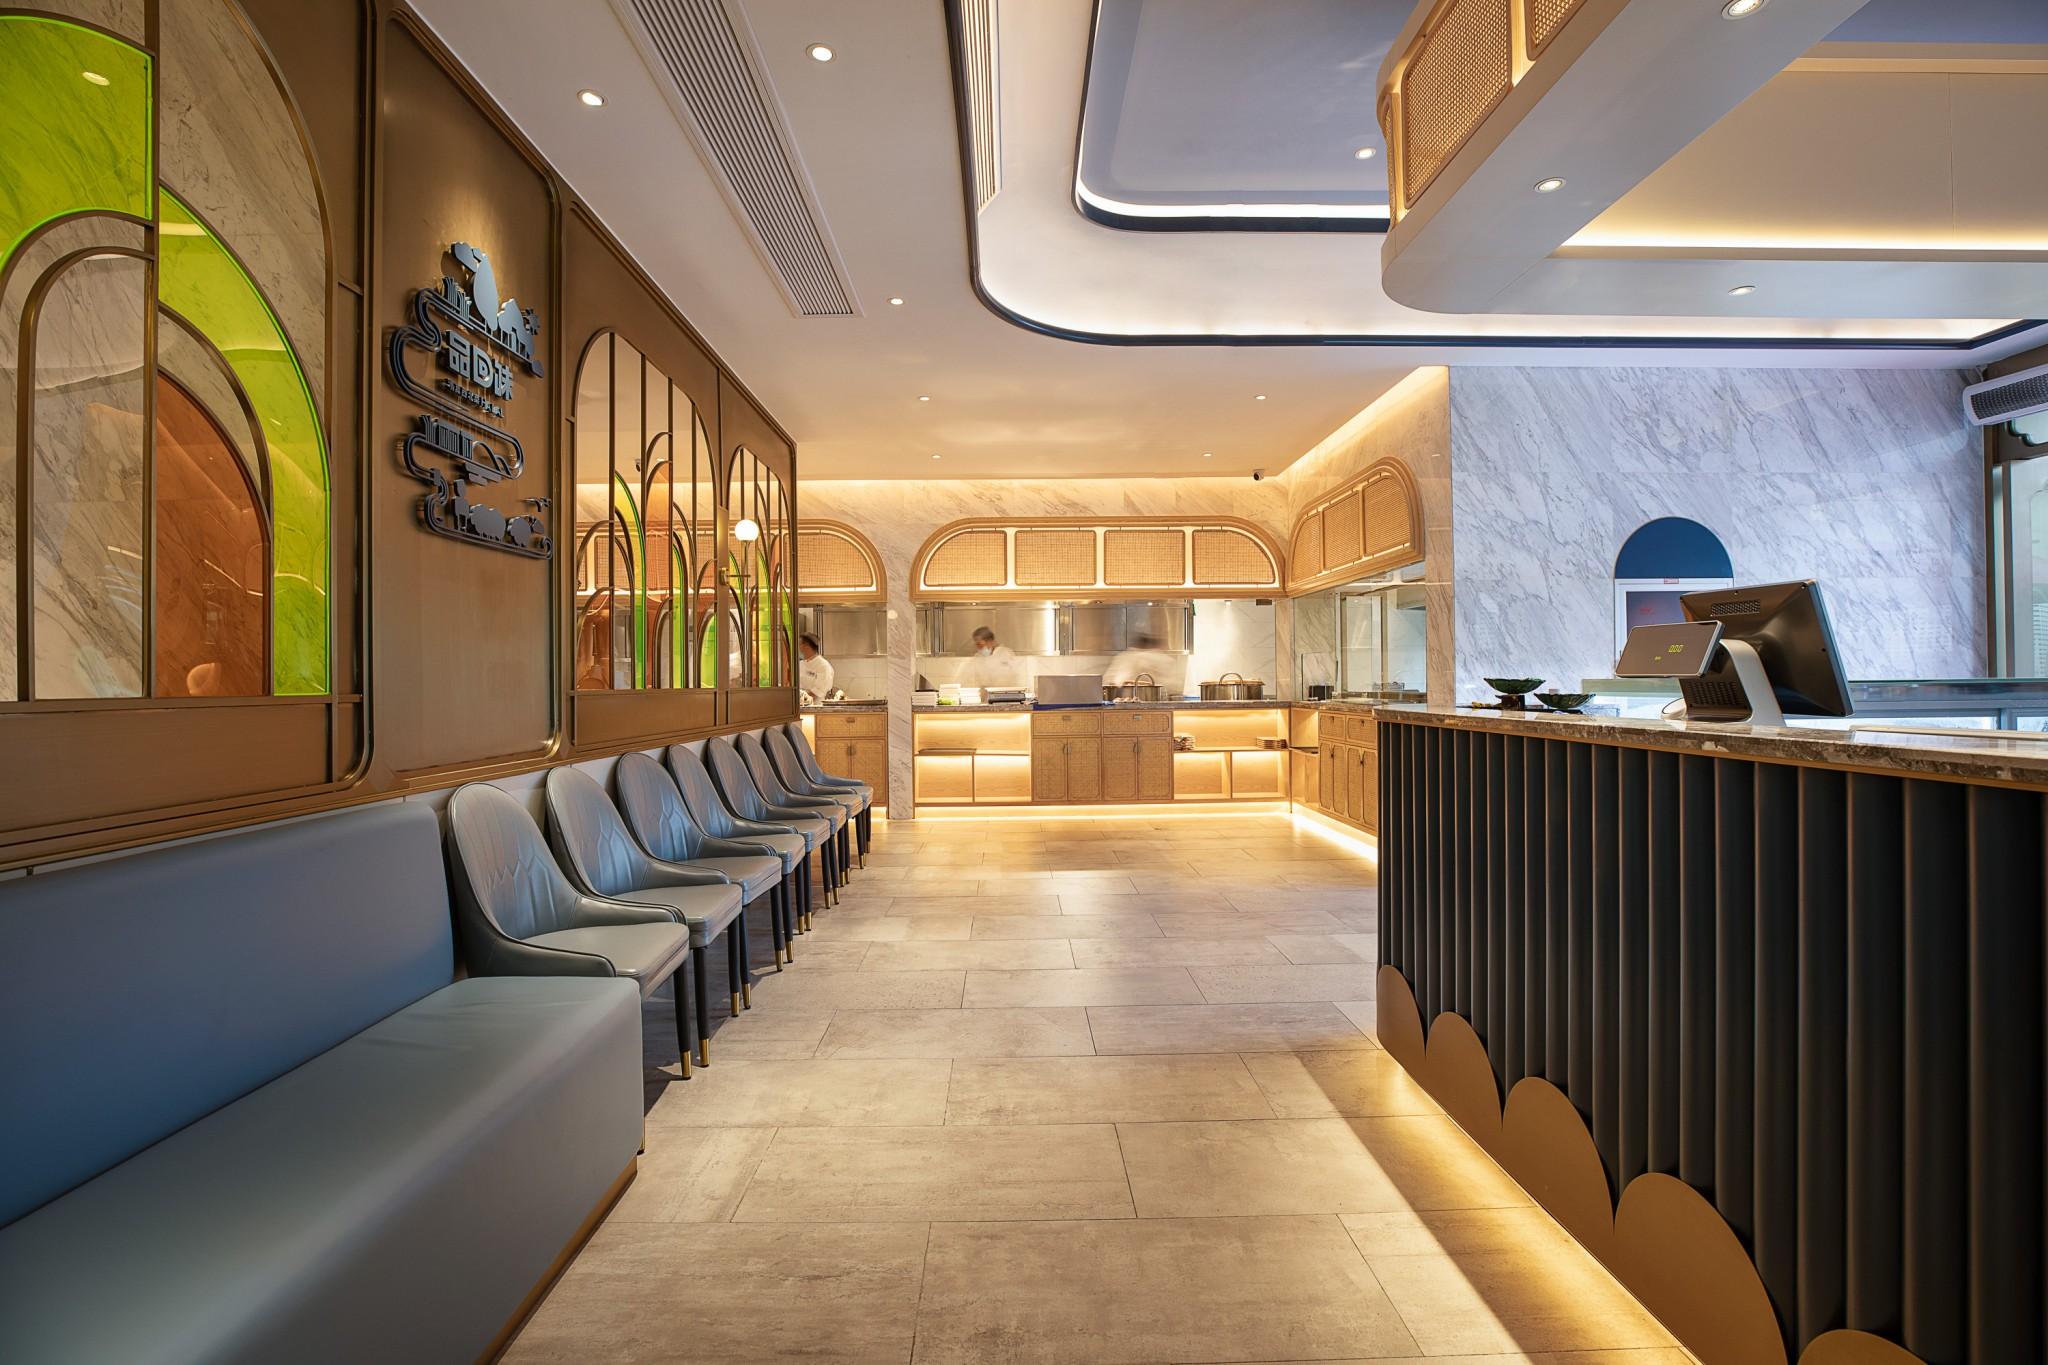 杭州餐厅设计-商业空间设计-杭州品牌营销咨询